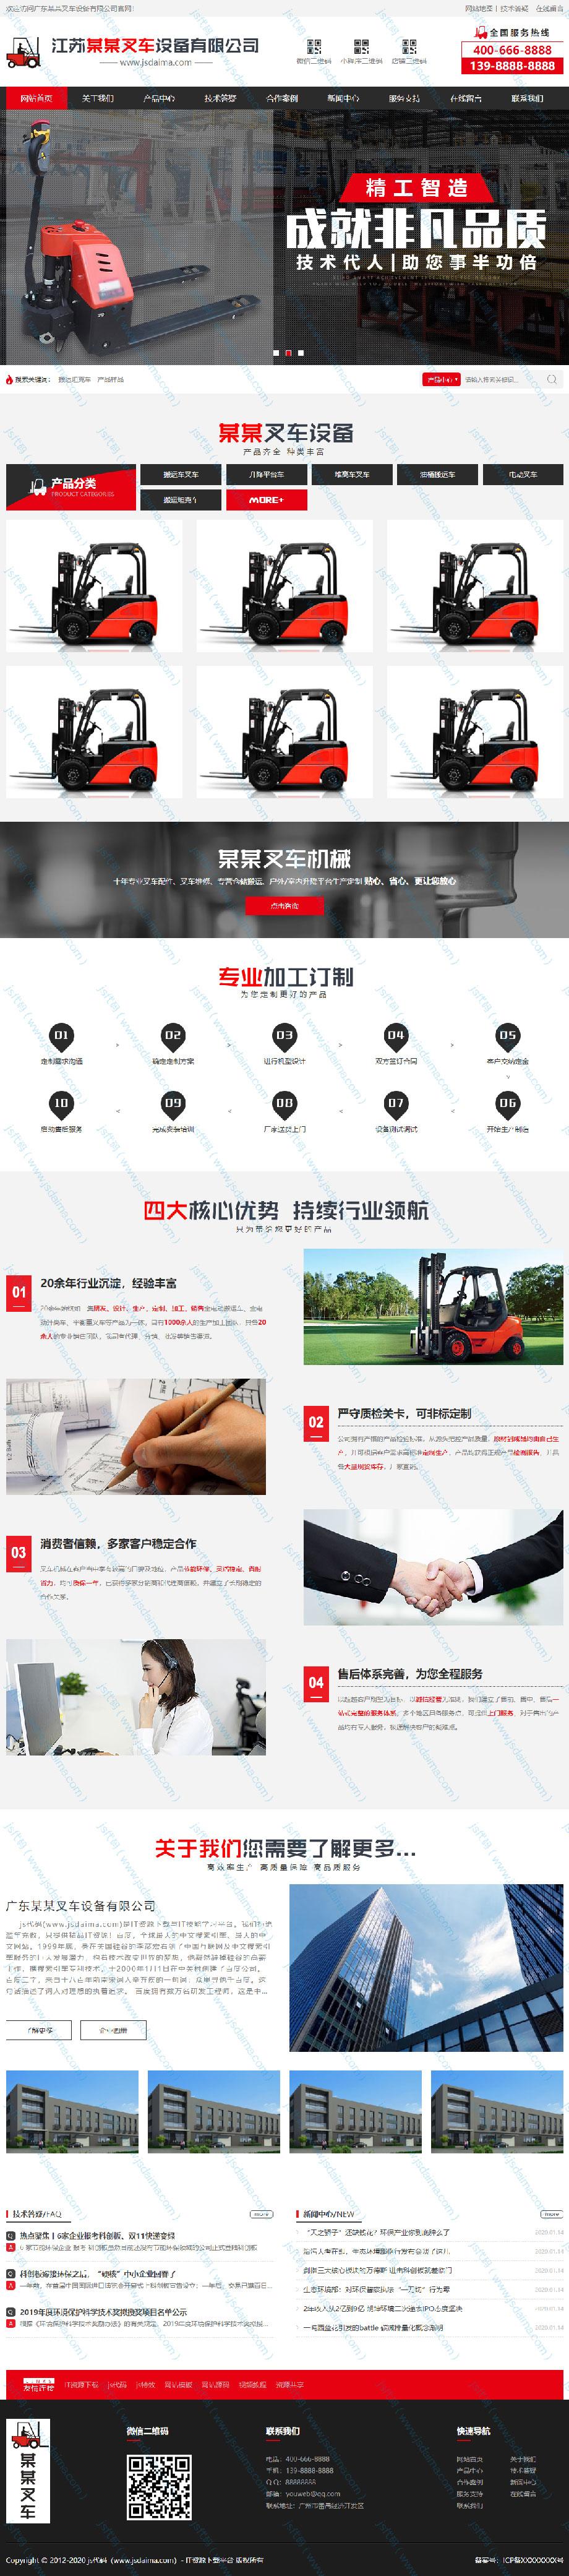 红色宽屏大气工程叉车机械设备制造公司网站源码